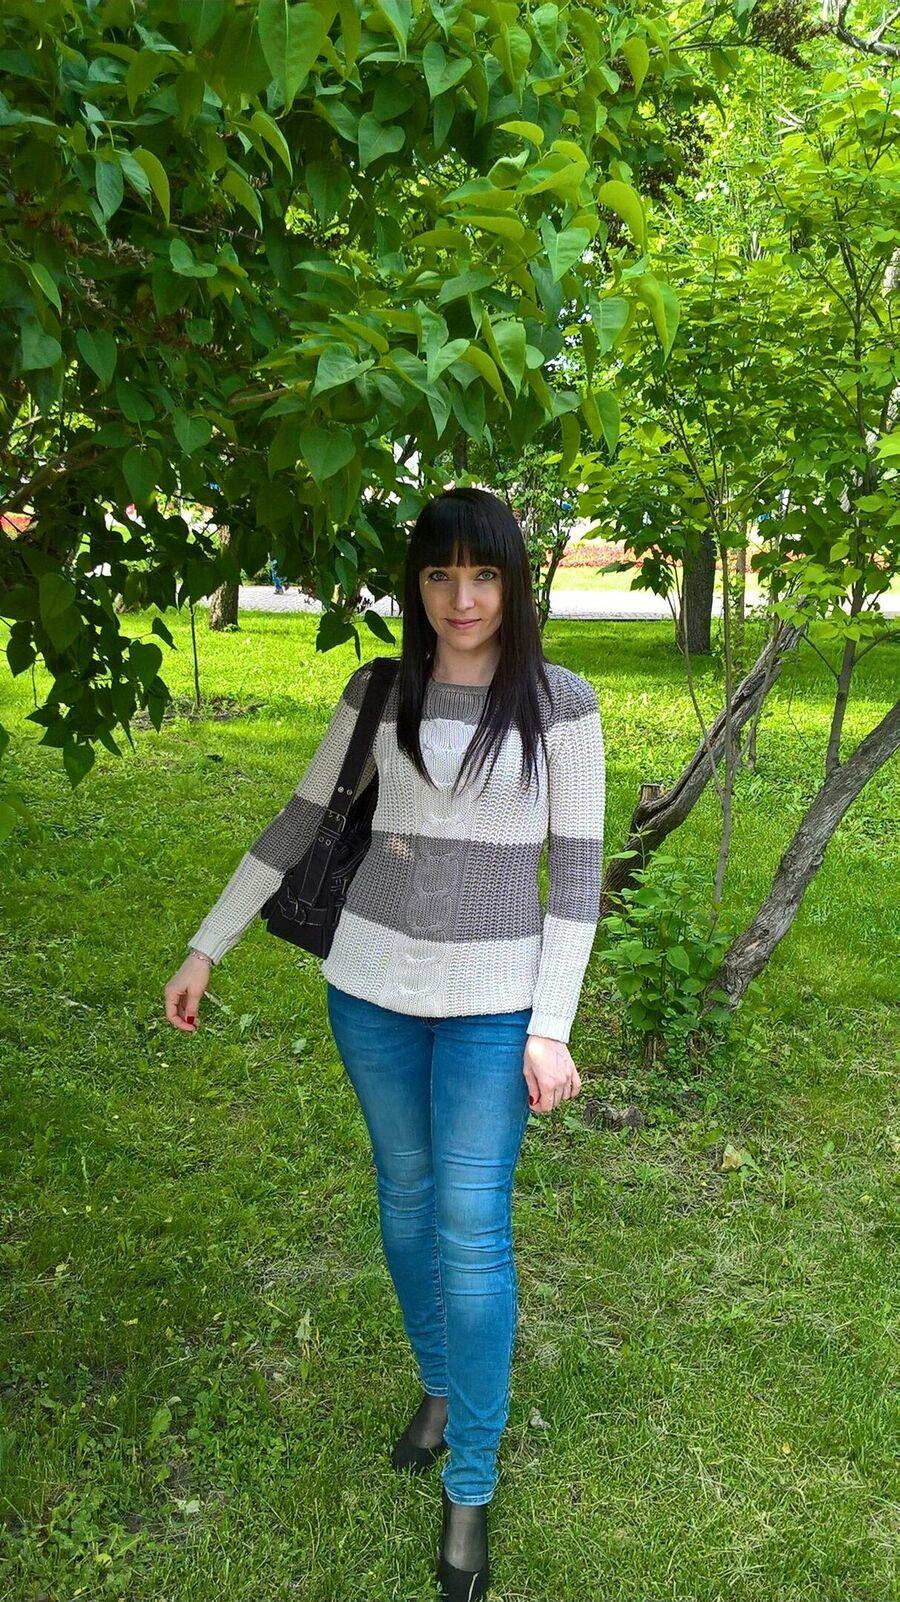 После прогулки все вещи Светлана протирает дезинфицирующим раствором